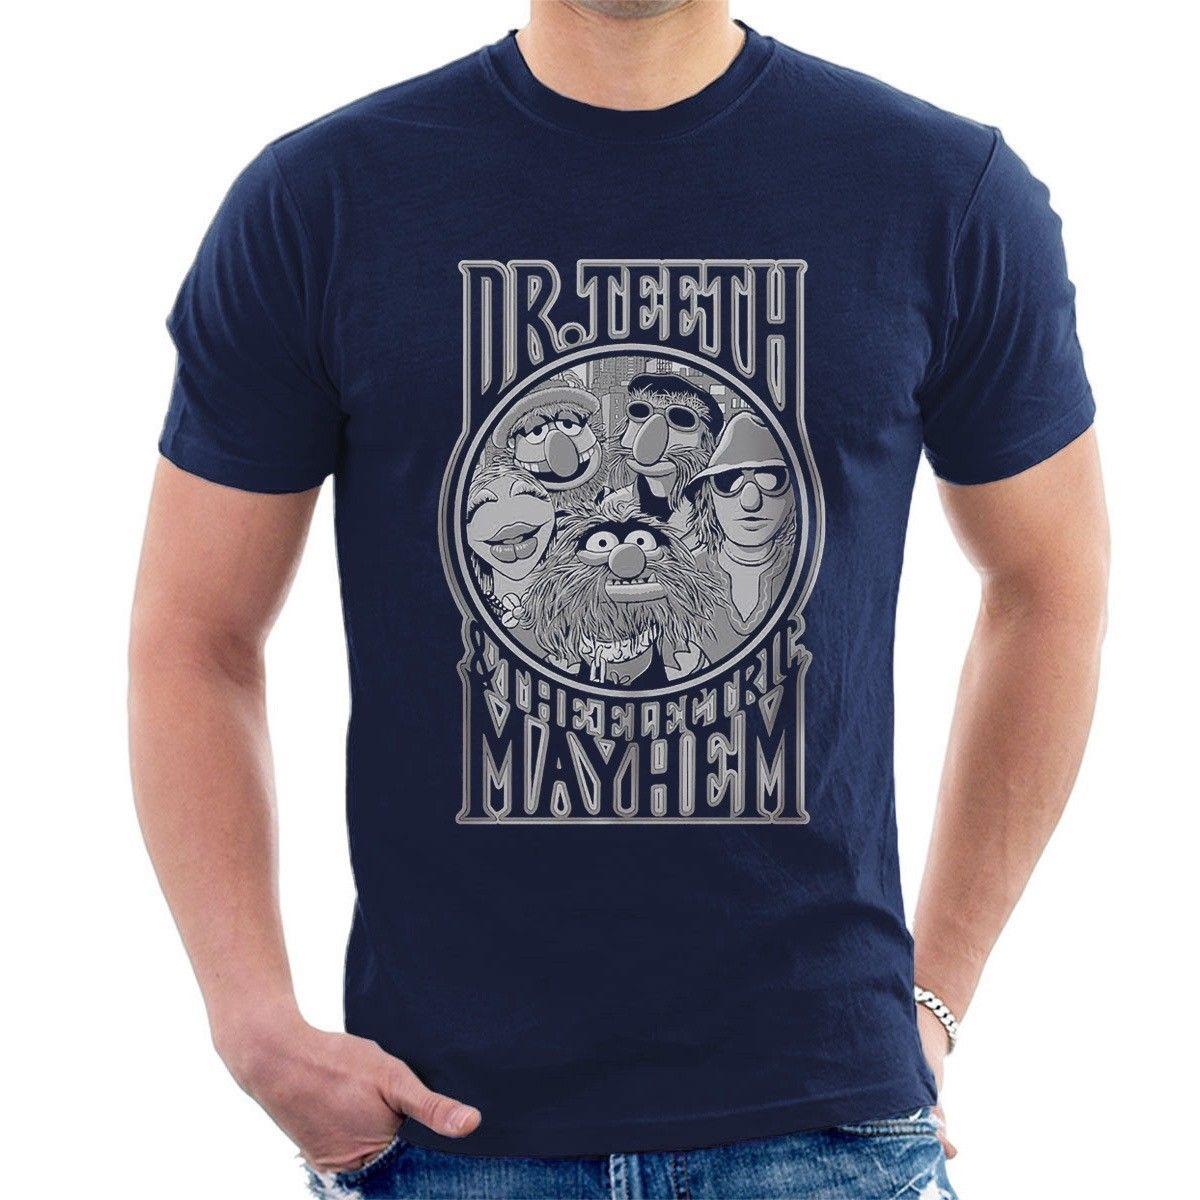 Camiseta de DR TEETH & THE ELECTRIC MAYHEN, divertida camiseta con imagen de batería 3D para hombre, camiseta barata de manga corta para hombre